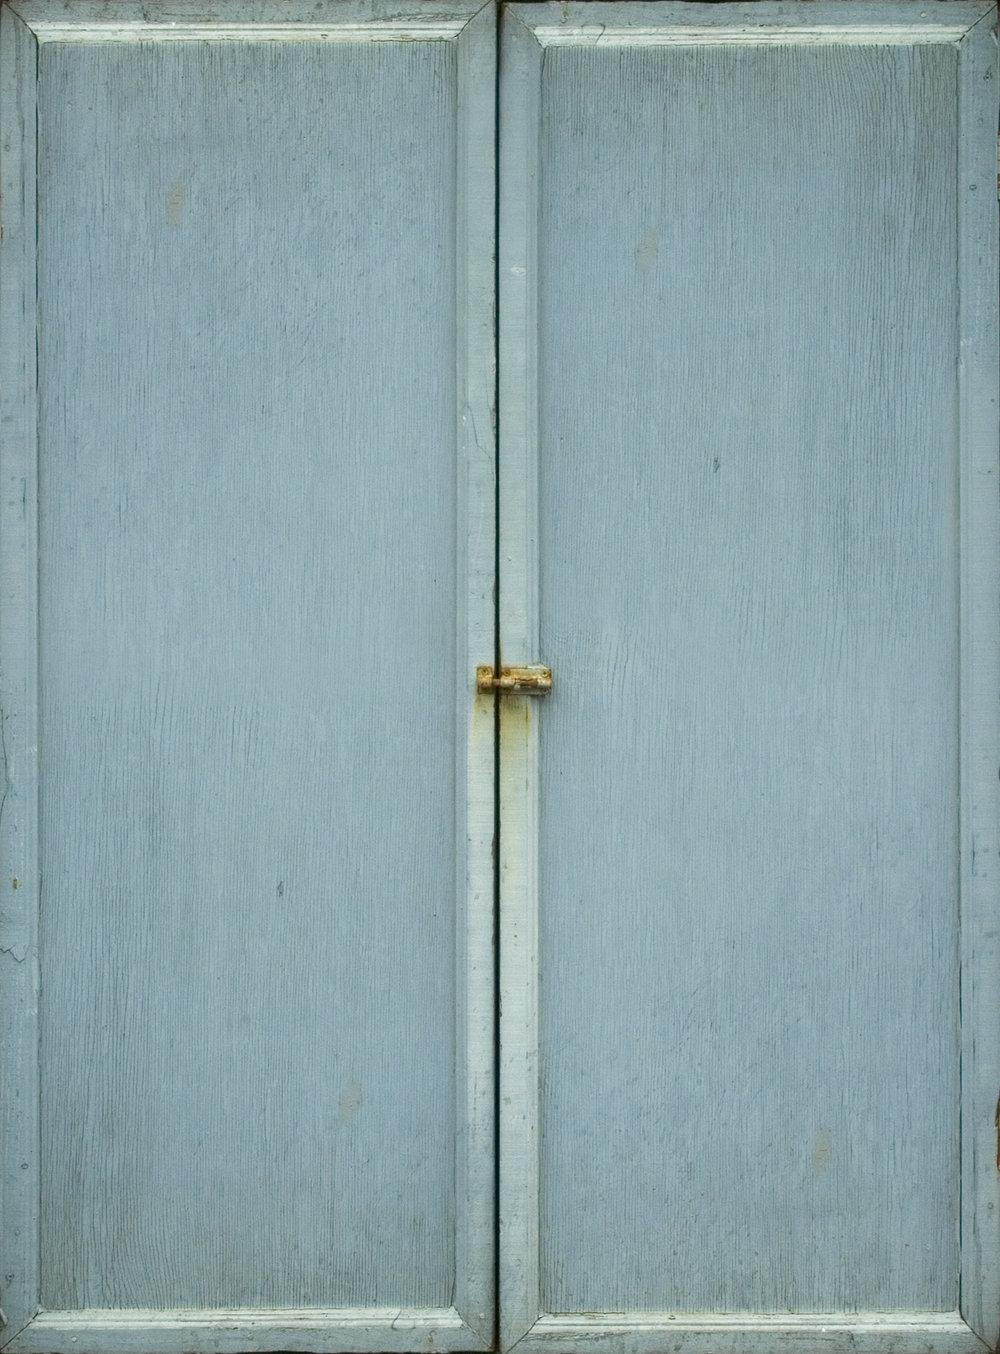 Bluish Double Door.jpg